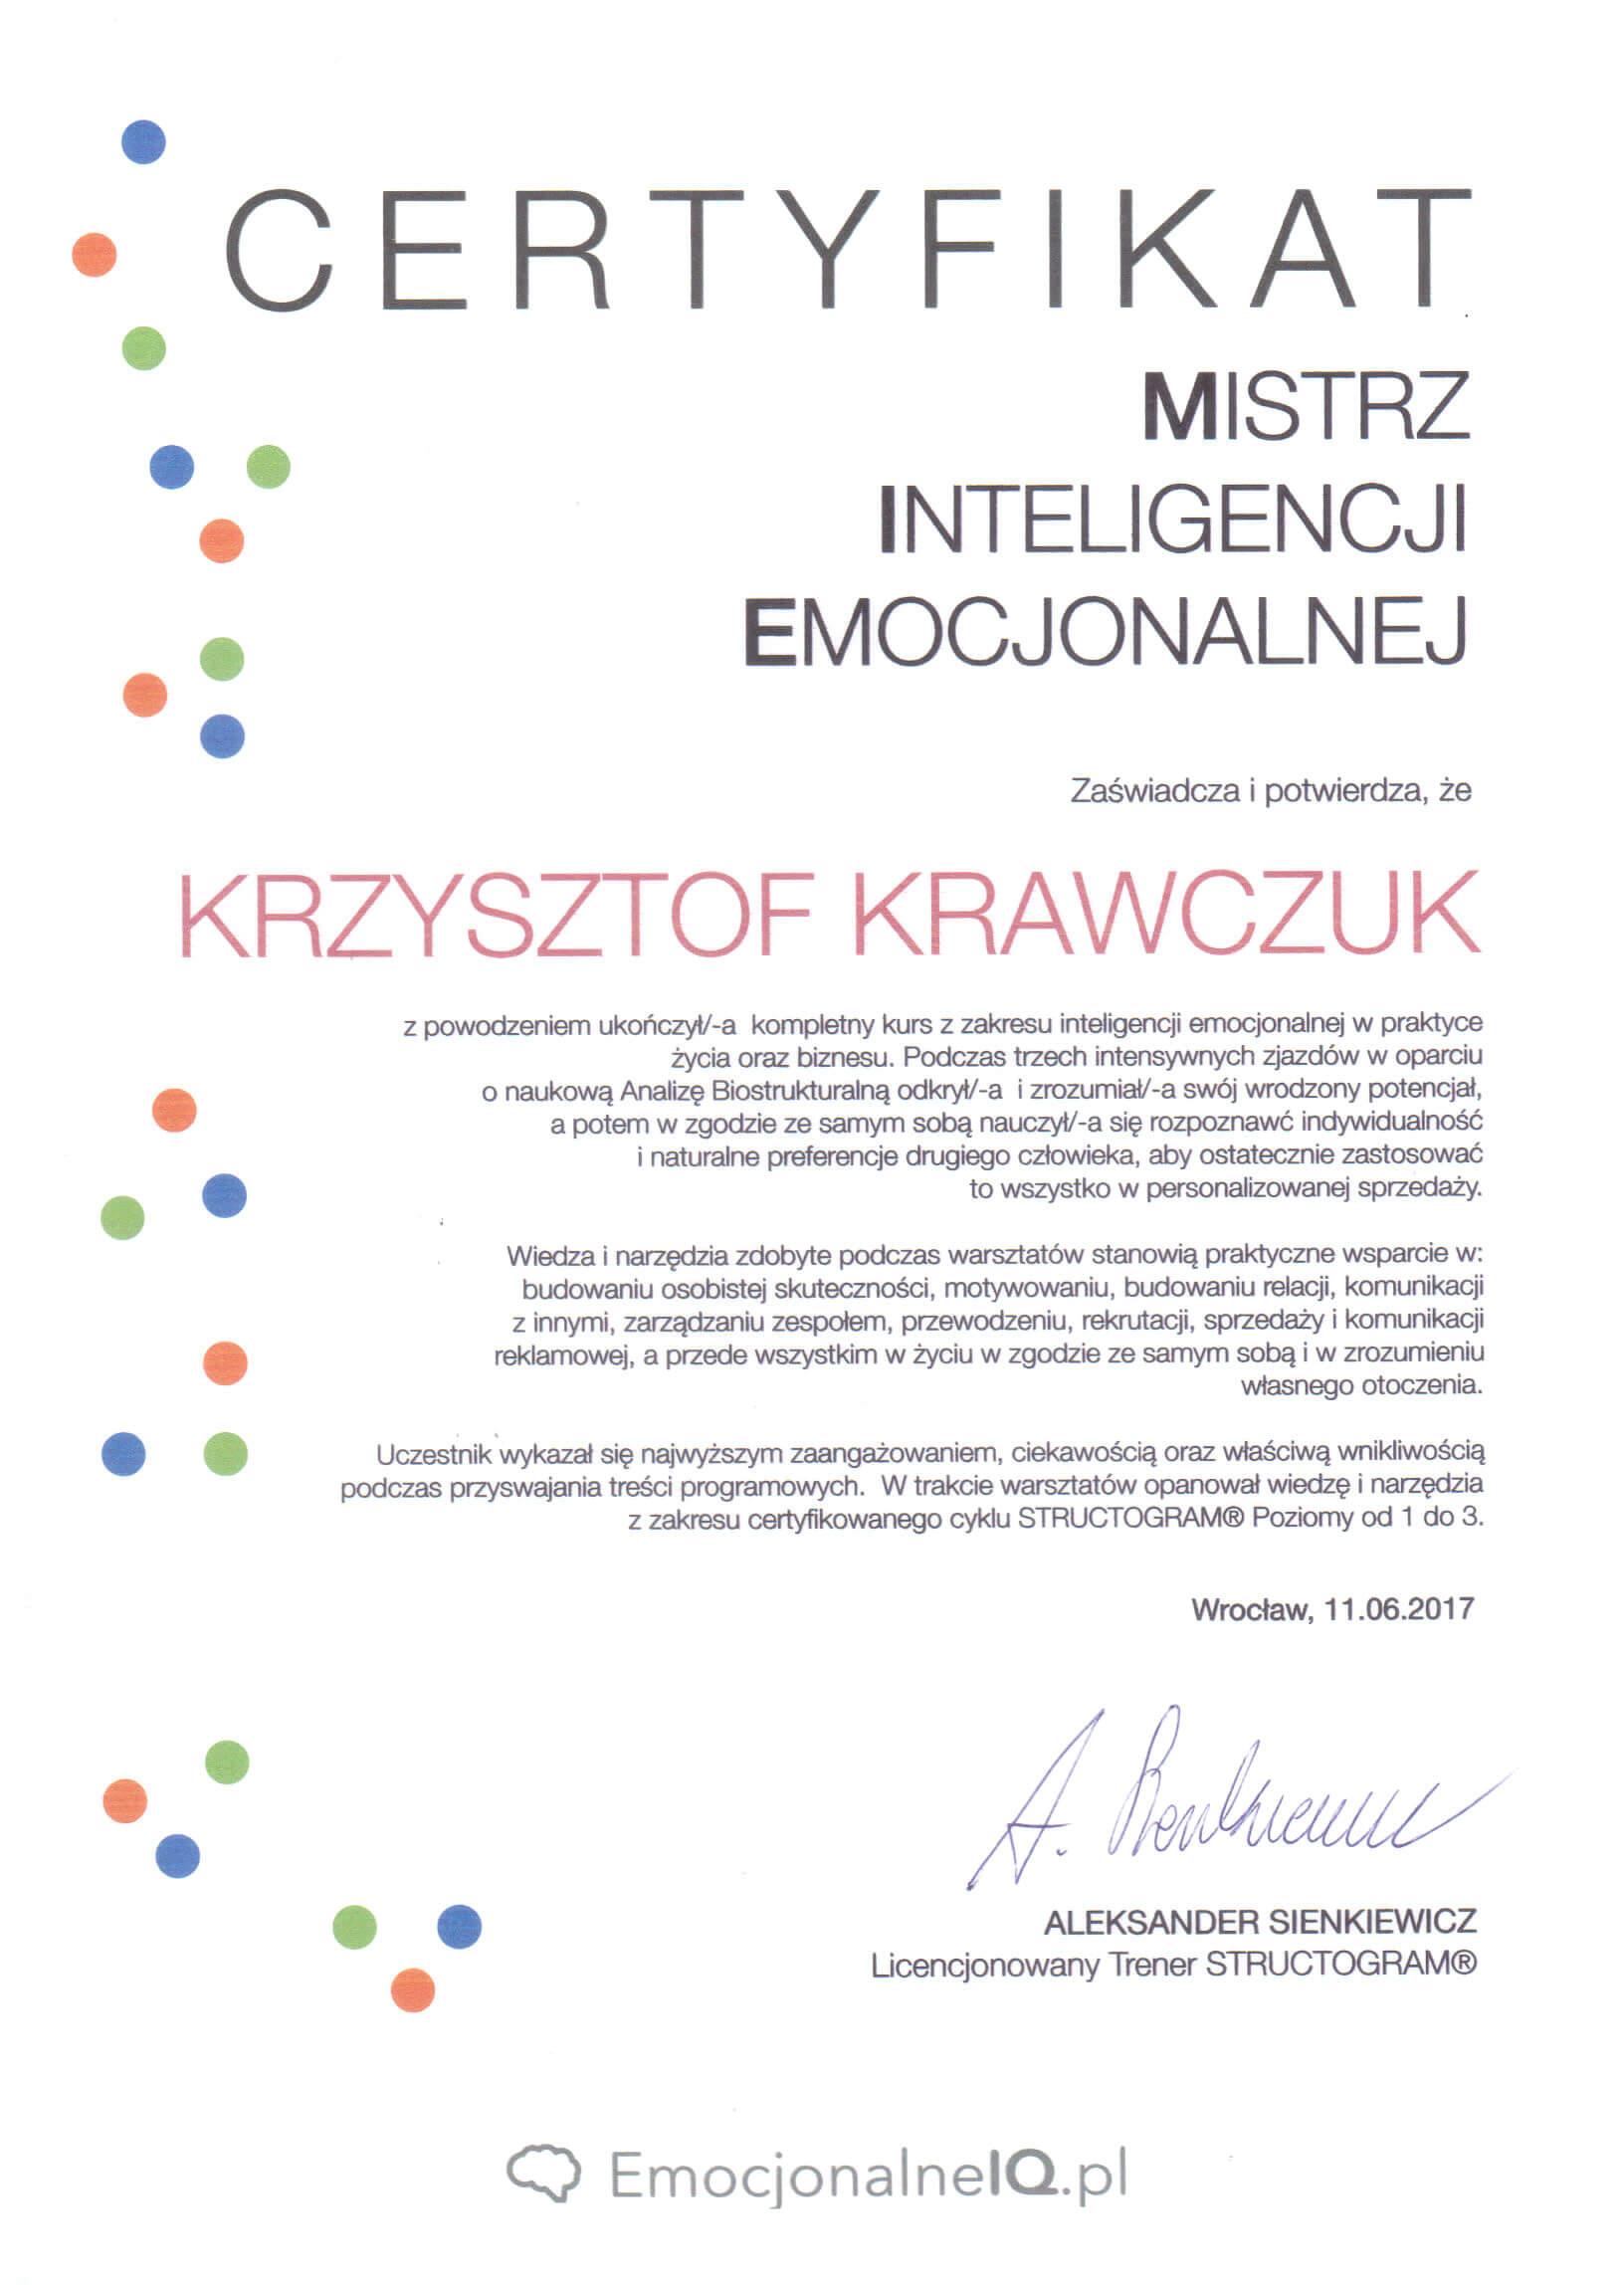 Certyfikat Mistrz Inteligencji Emocjonalnej